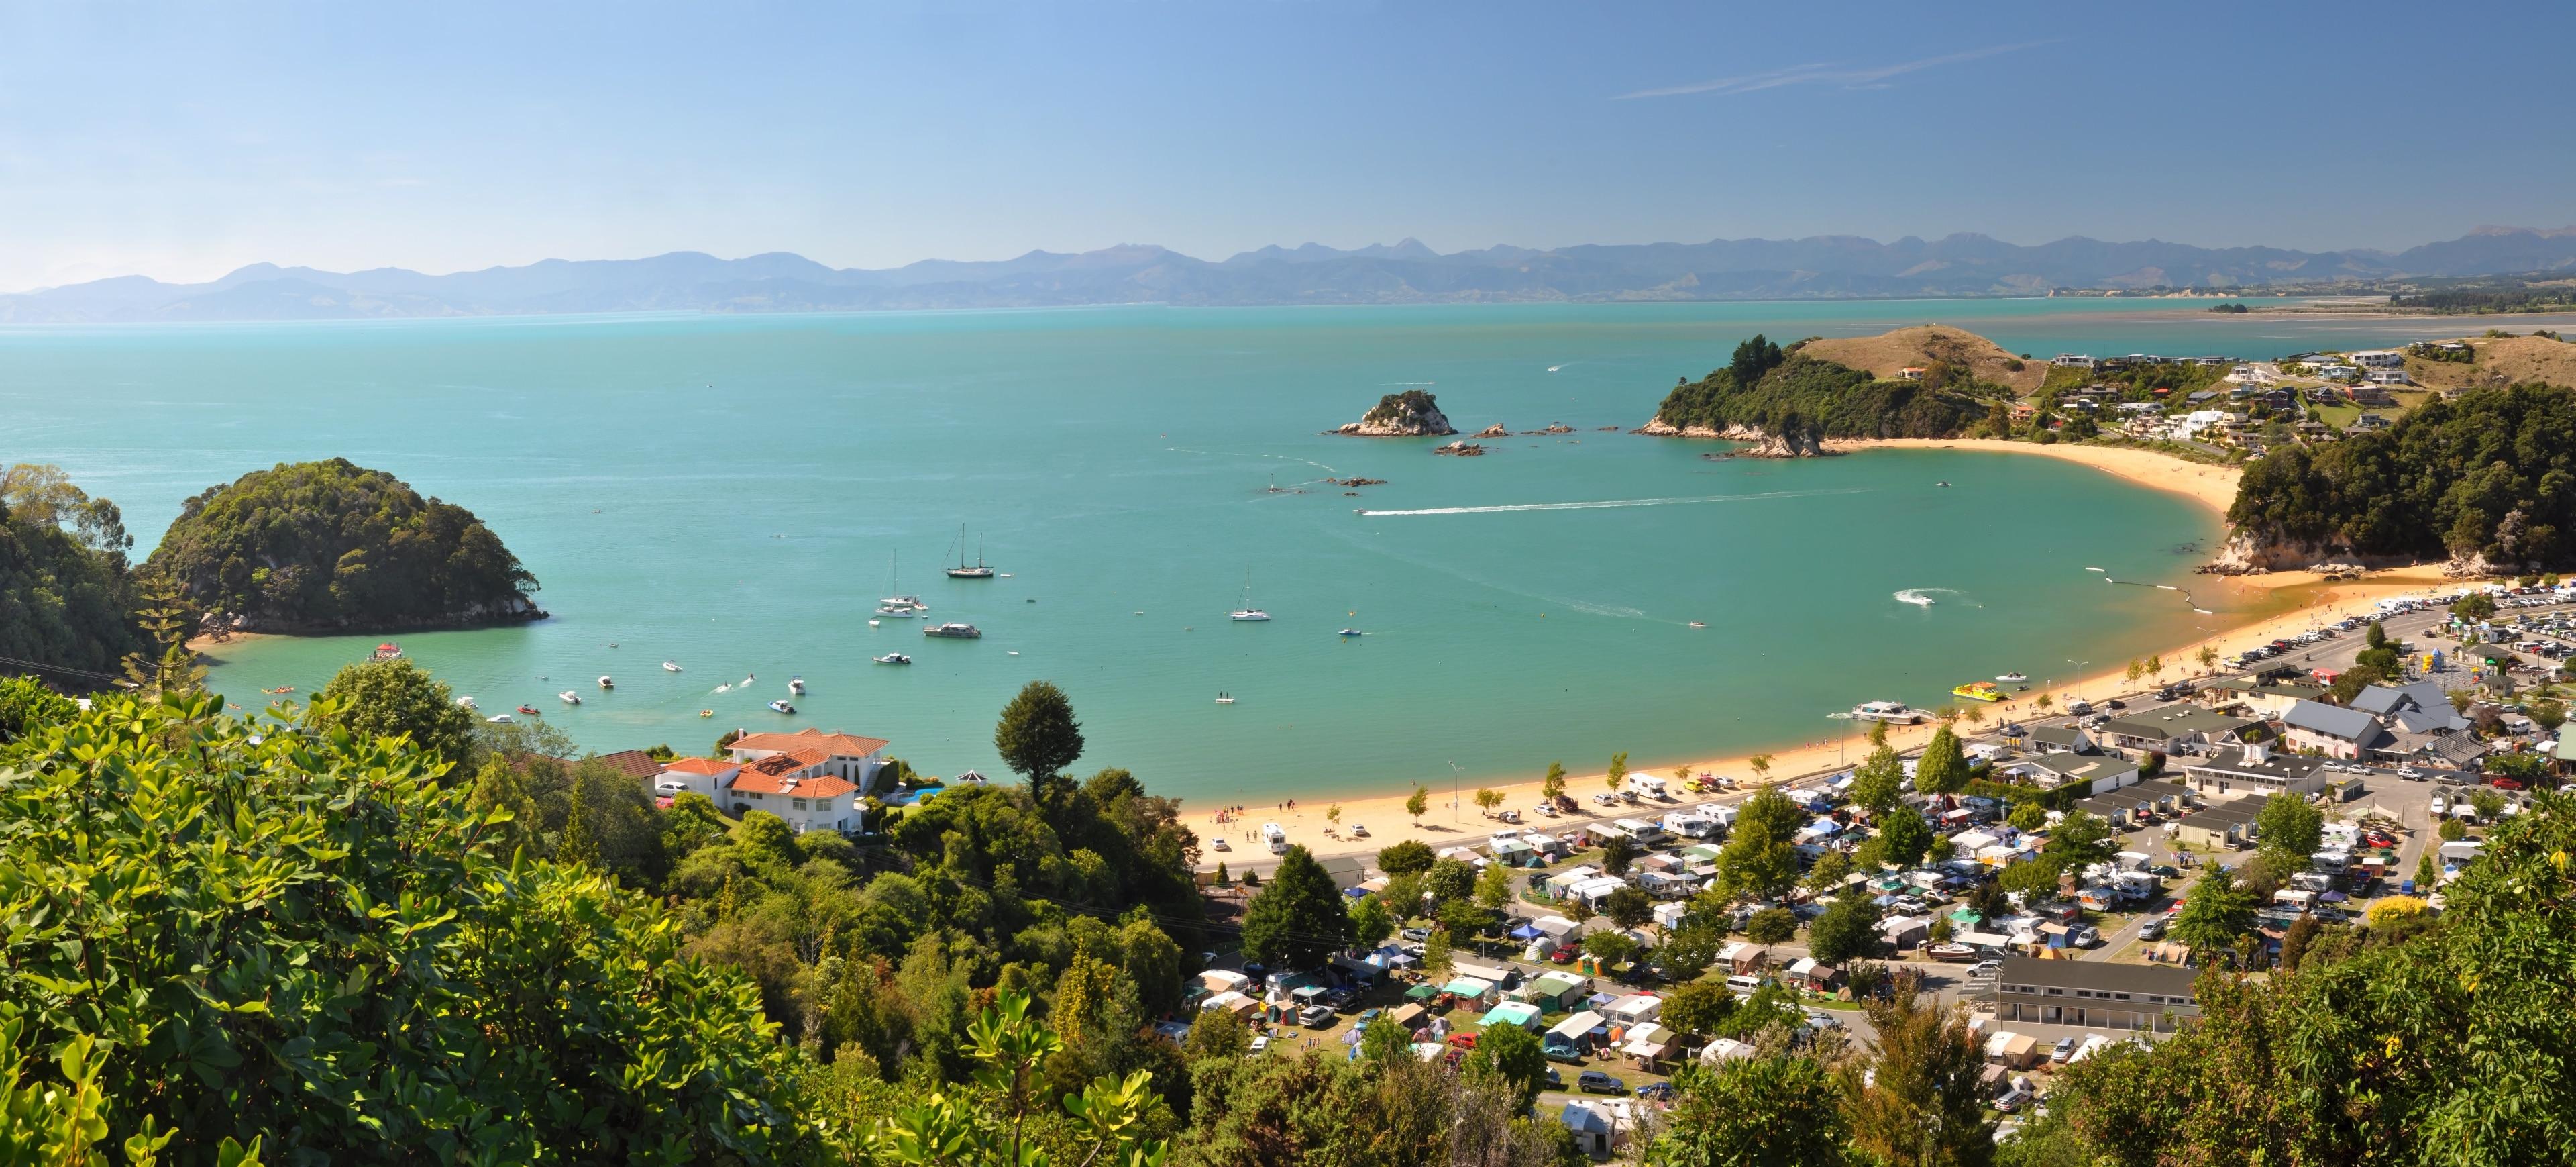 Kaiteriteri, Tasman Region, New Zealand